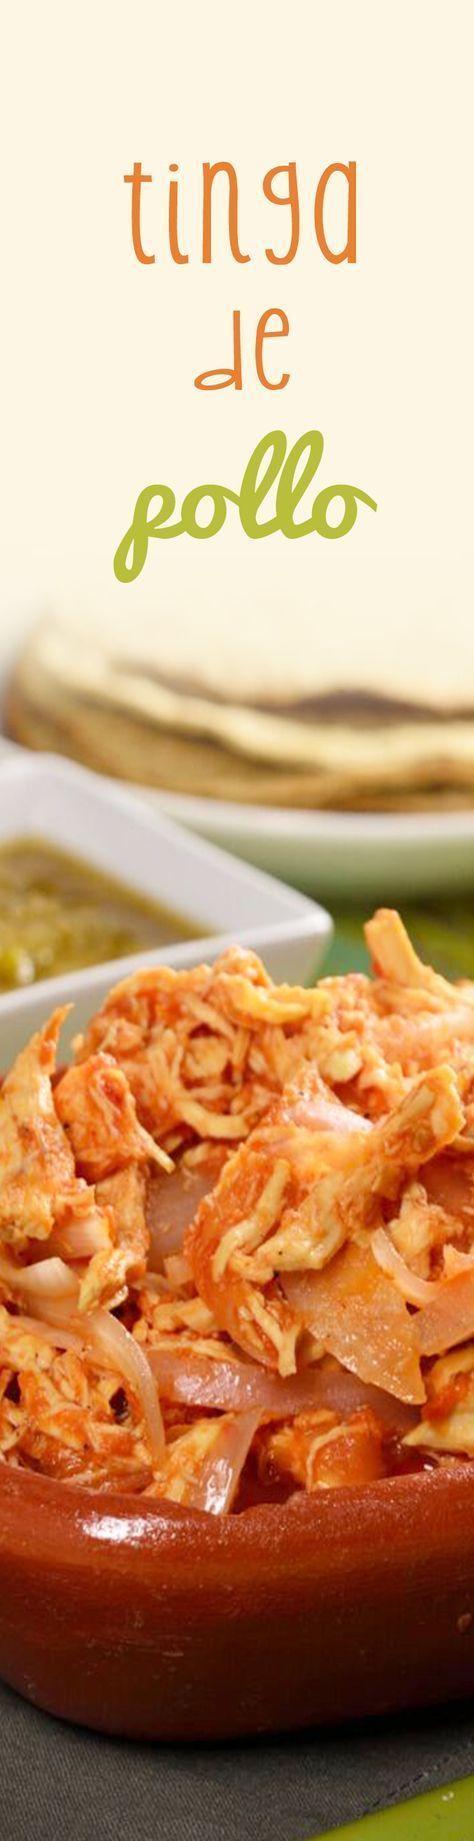 La tinga de pollo es una receta mexicana económica y fácil de preparar. Se puede comer en tacos, tostadas o con lo que más te guste y por su sabor muy tradicional es perfecta para preparar en celebraciones mexicanas.